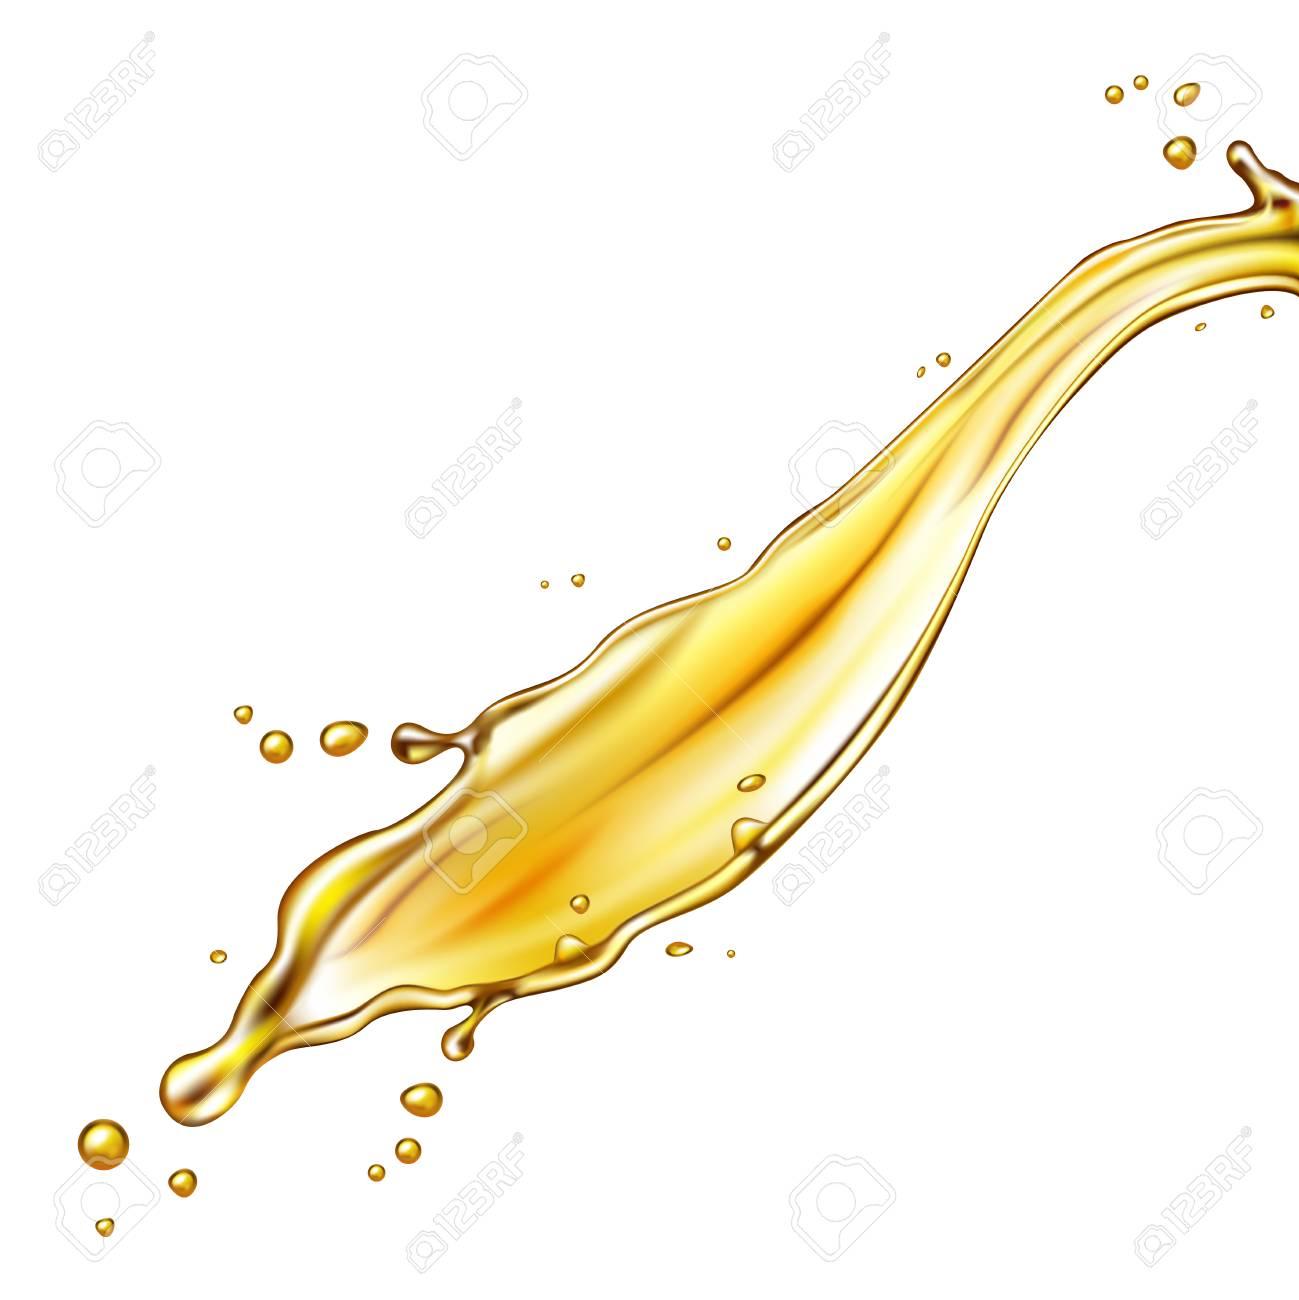 Oil splash isolated on white background. Vector illustration. - 94792974